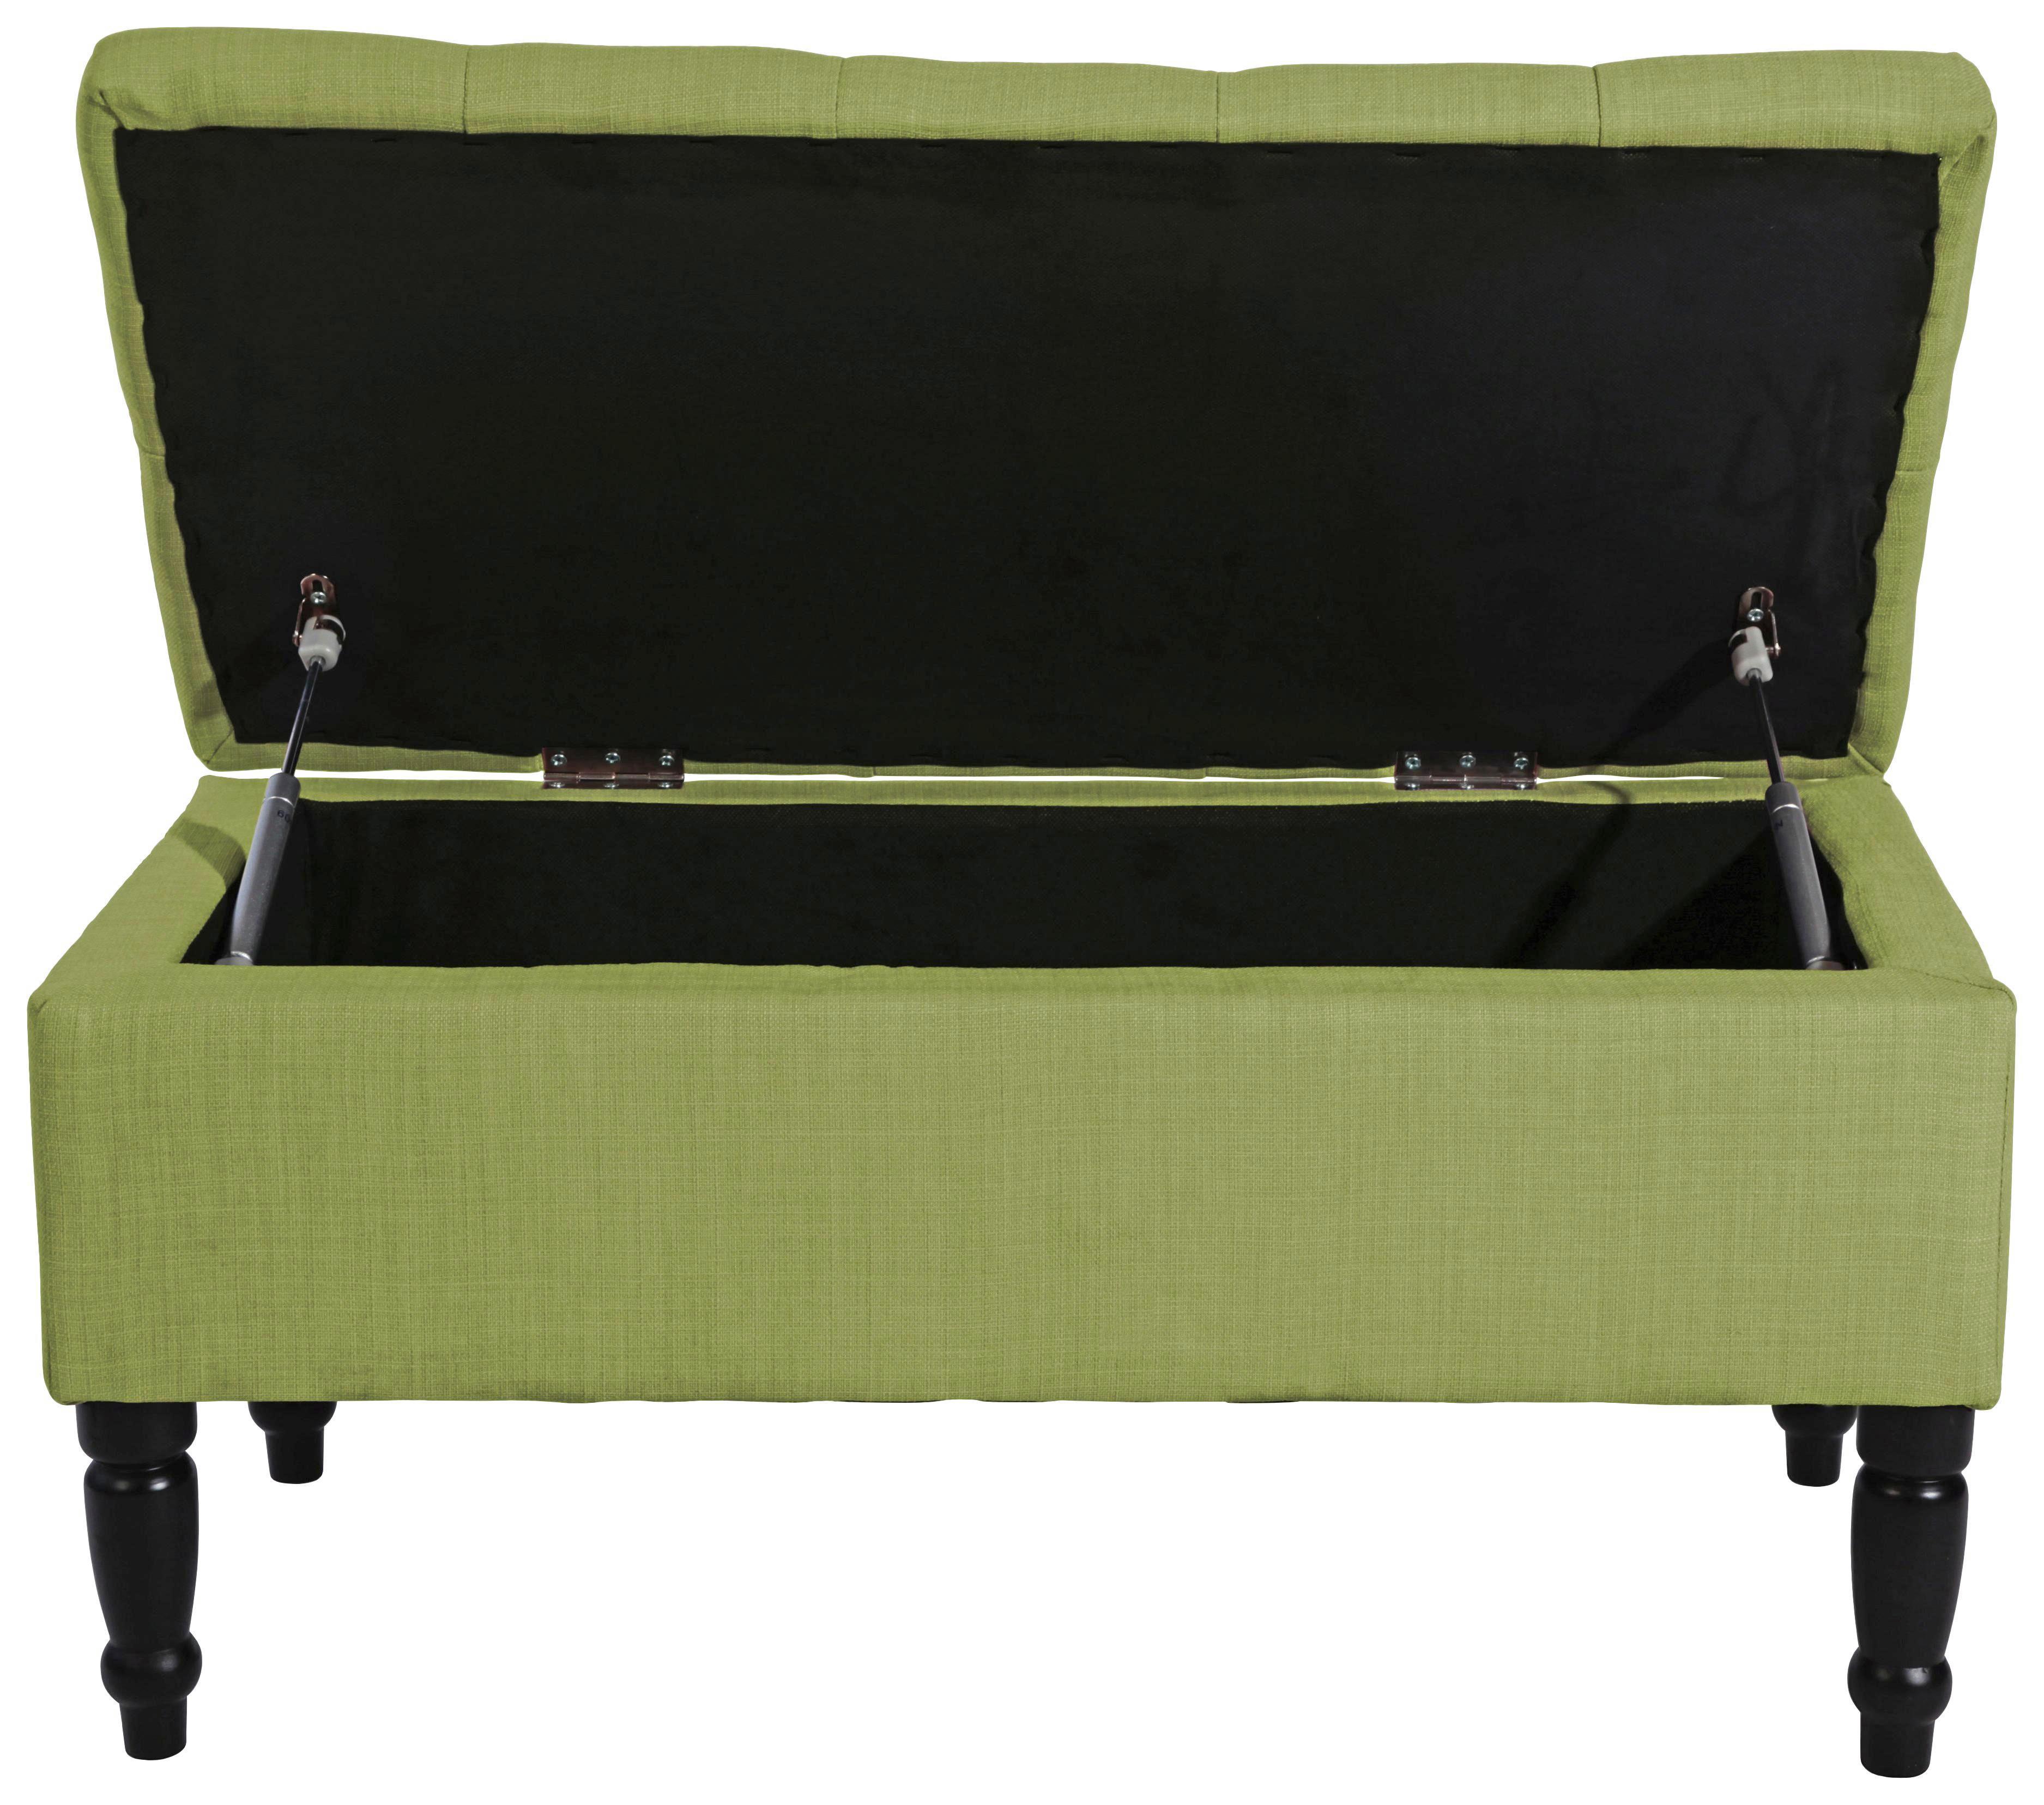 sitzbank schwarz holz excellent large size of sitzbank esszimmer mit lehne sitzbanke schwarz. Black Bedroom Furniture Sets. Home Design Ideas